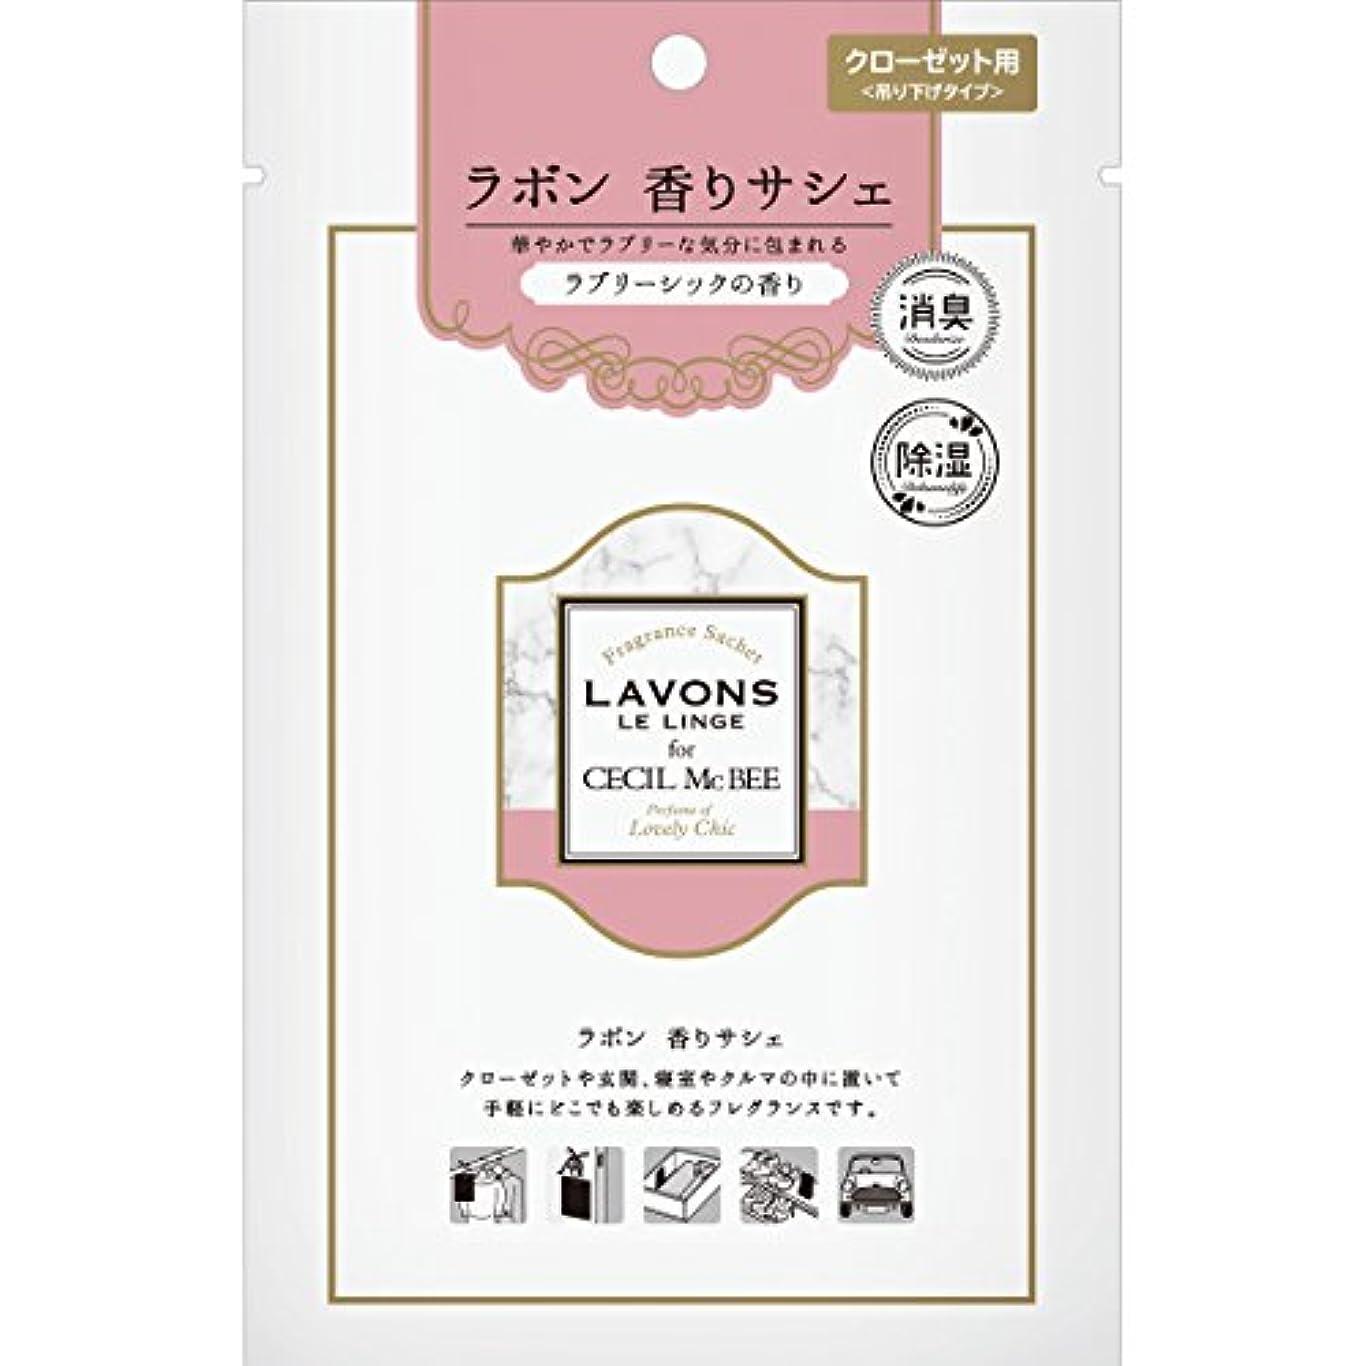 連続的めまいが表向きラボン for CECIL McBEE 香りサシェ (香り袋) ラブリーシックの香り 20g